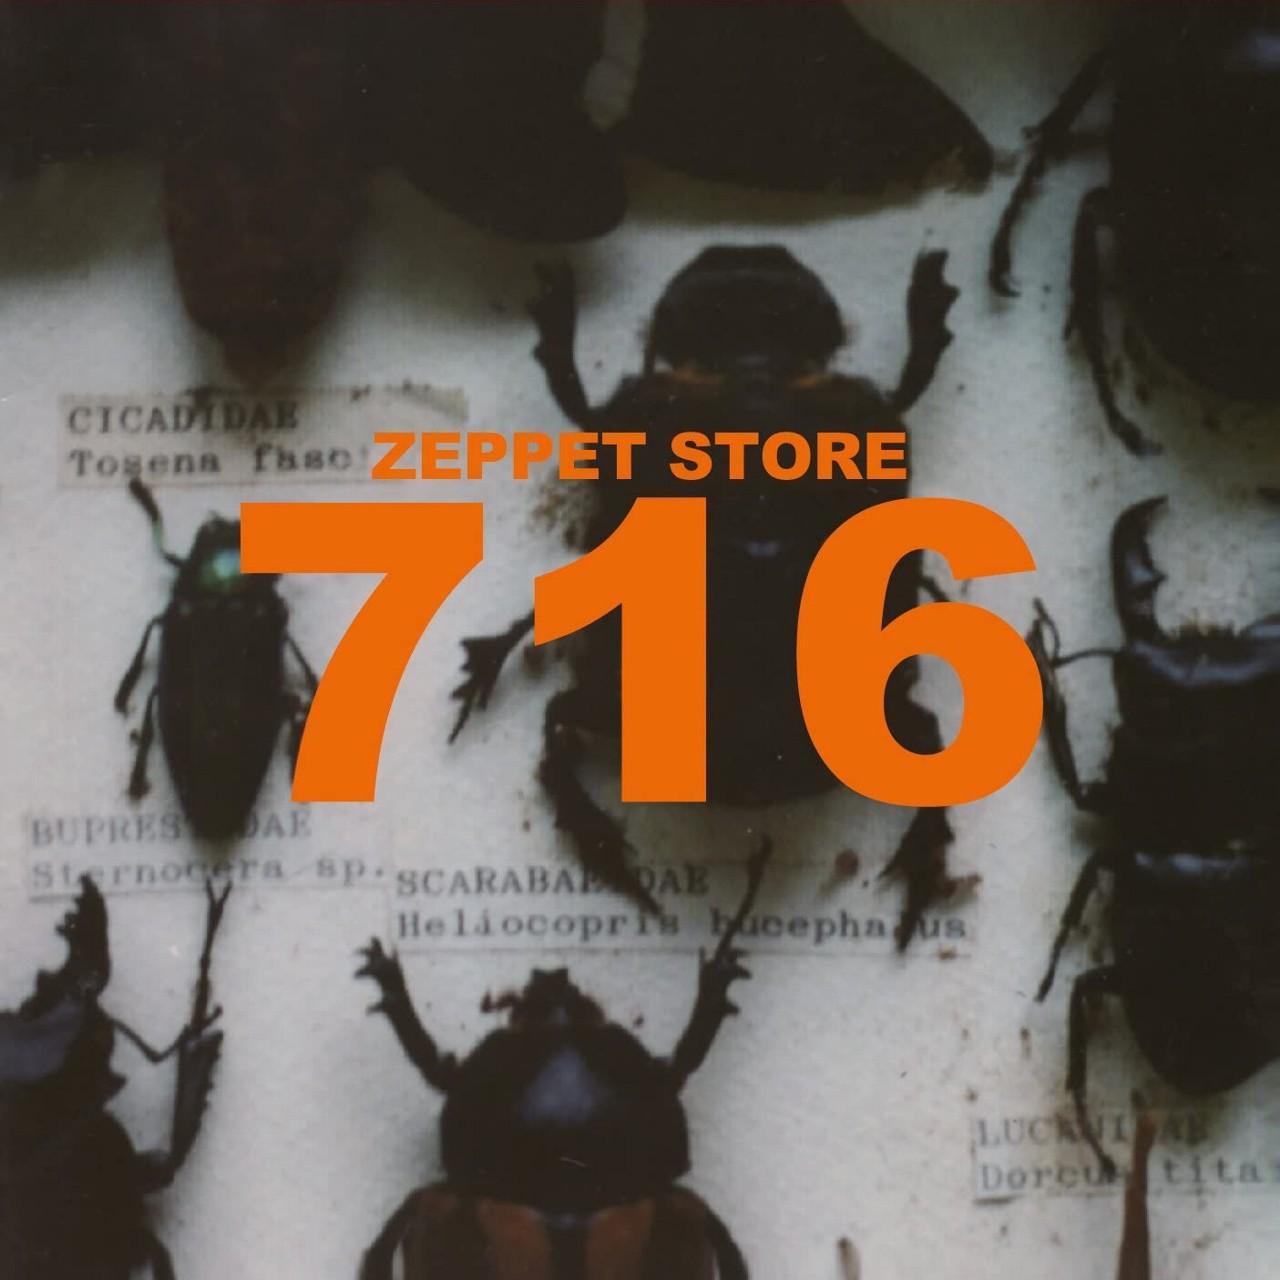 アルバム『716』